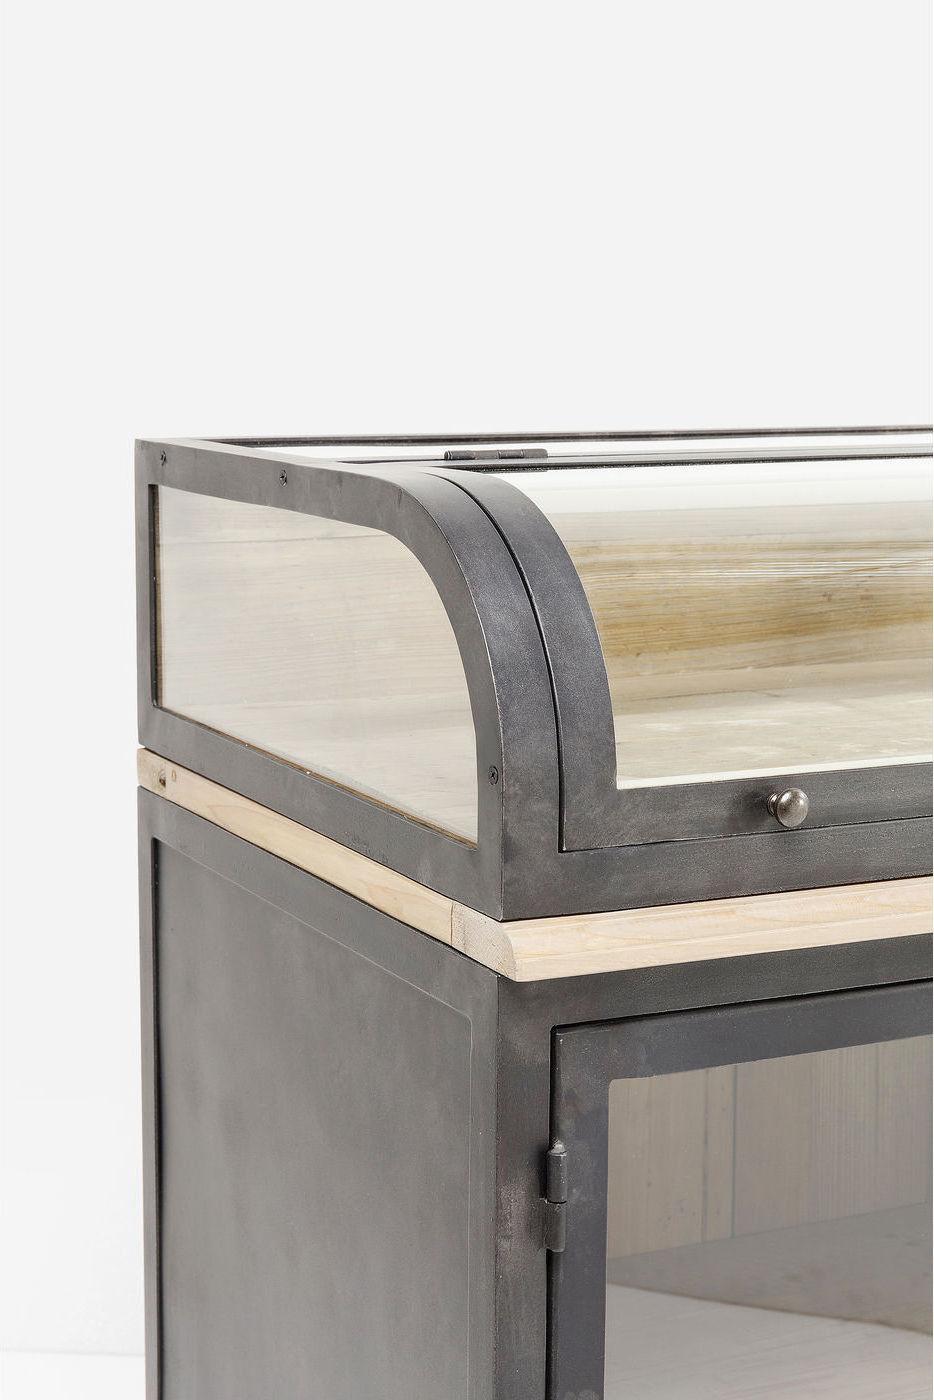 Kare Design Dressoir Huckster - 2-deurs - Hout - Metaal